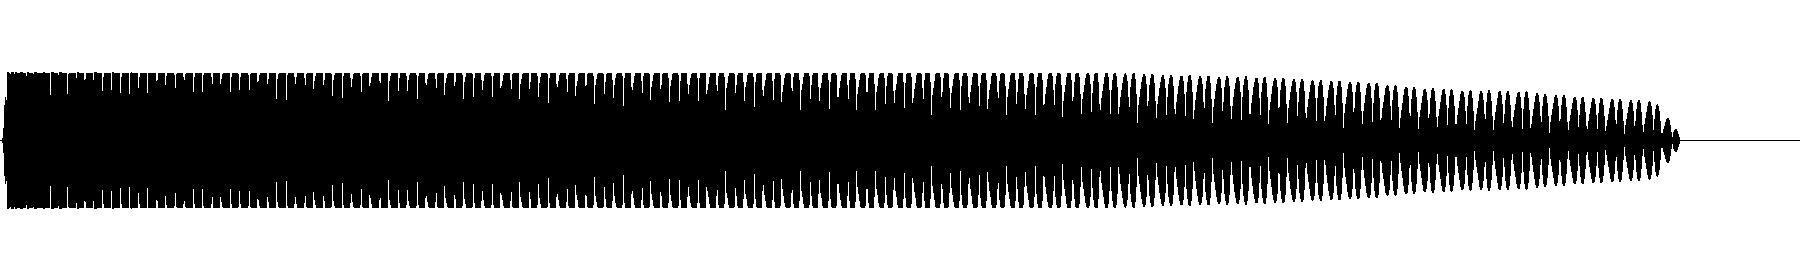 808 bass